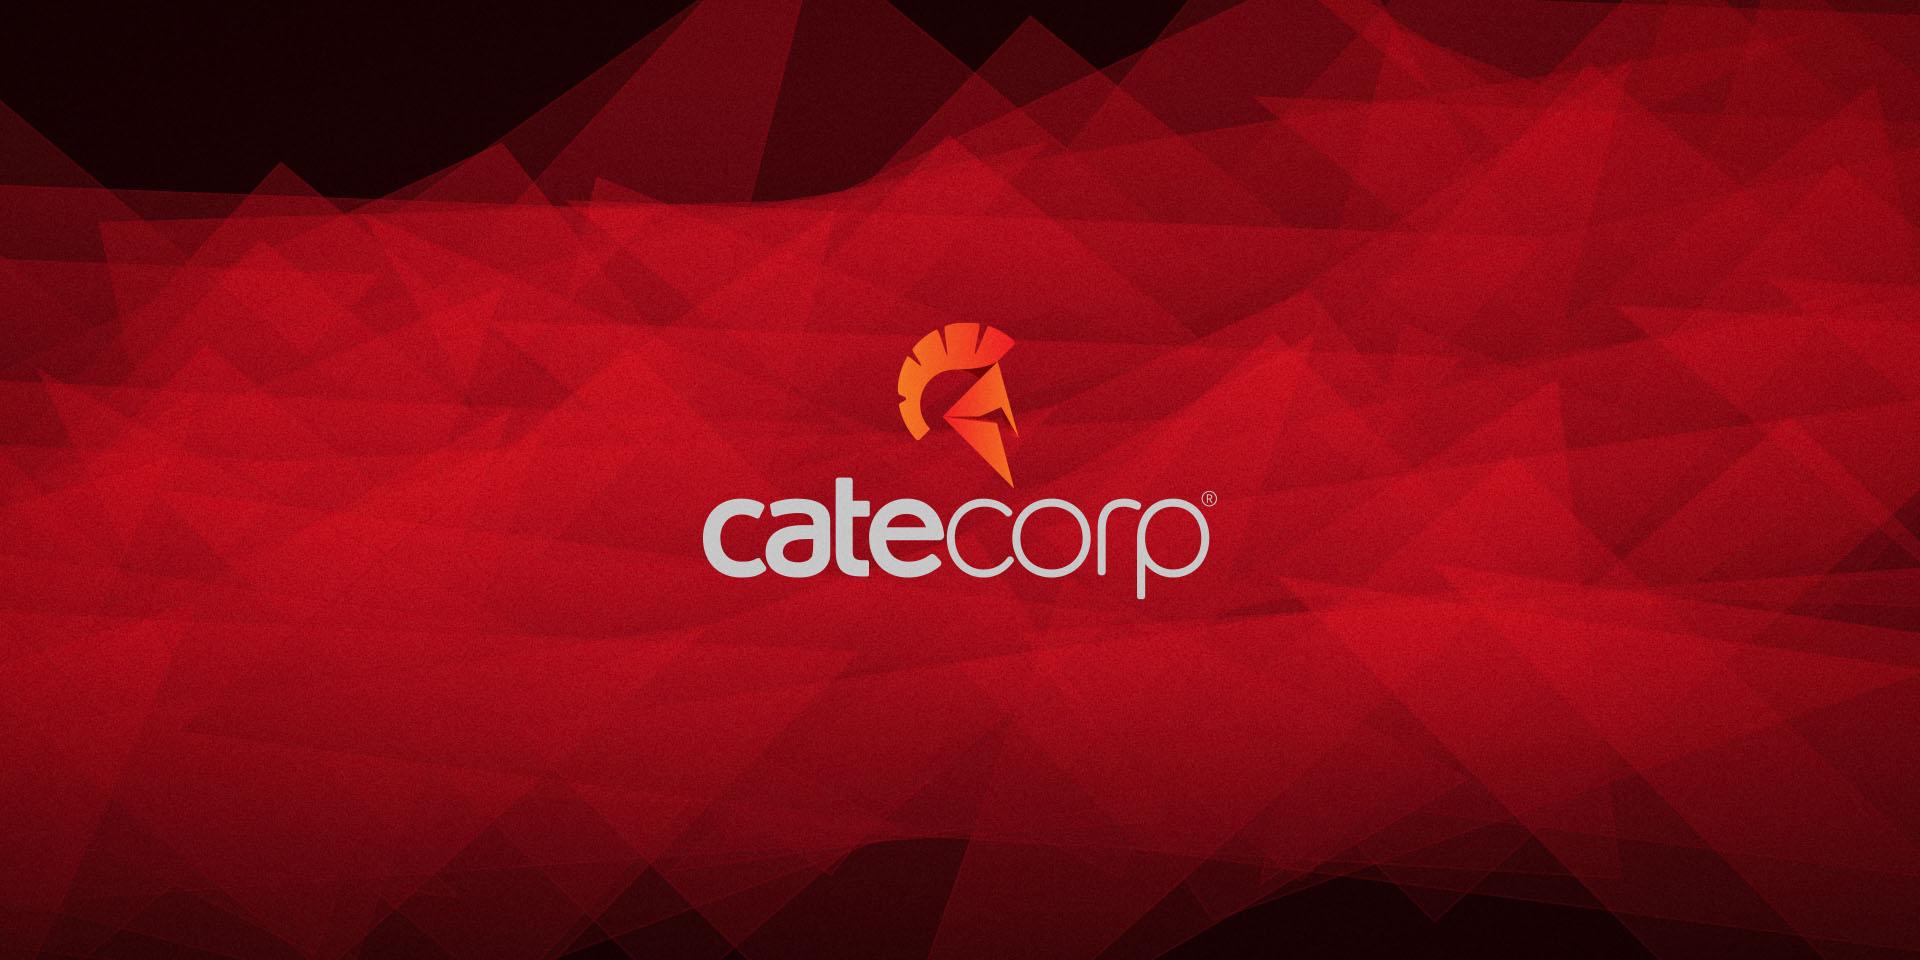 catecorp1